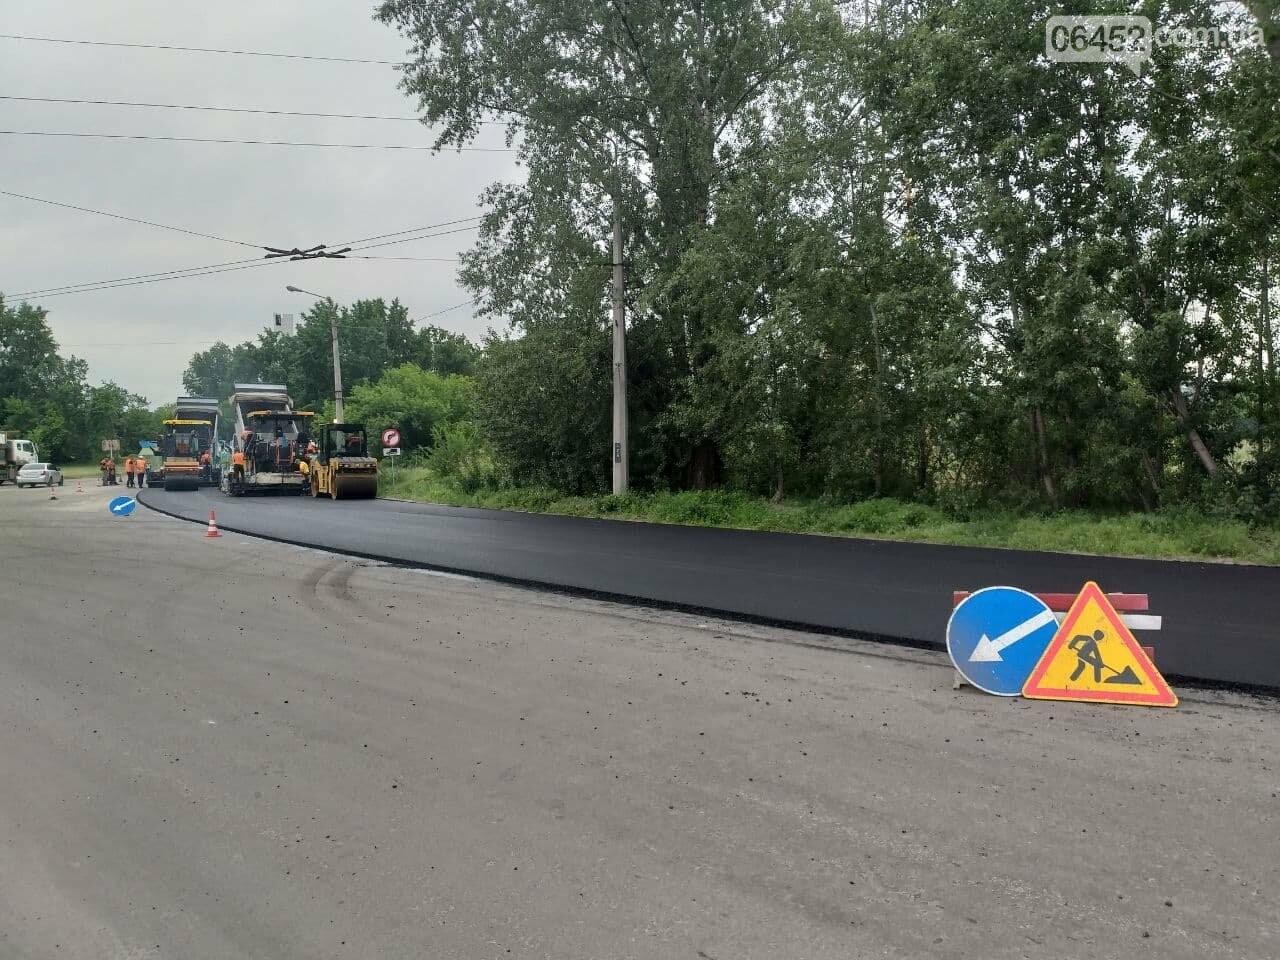 Ограничено движение троллейбусов и перекрыт пойменный мост: в Северодонецке ремонтируют дорогу, фото-1